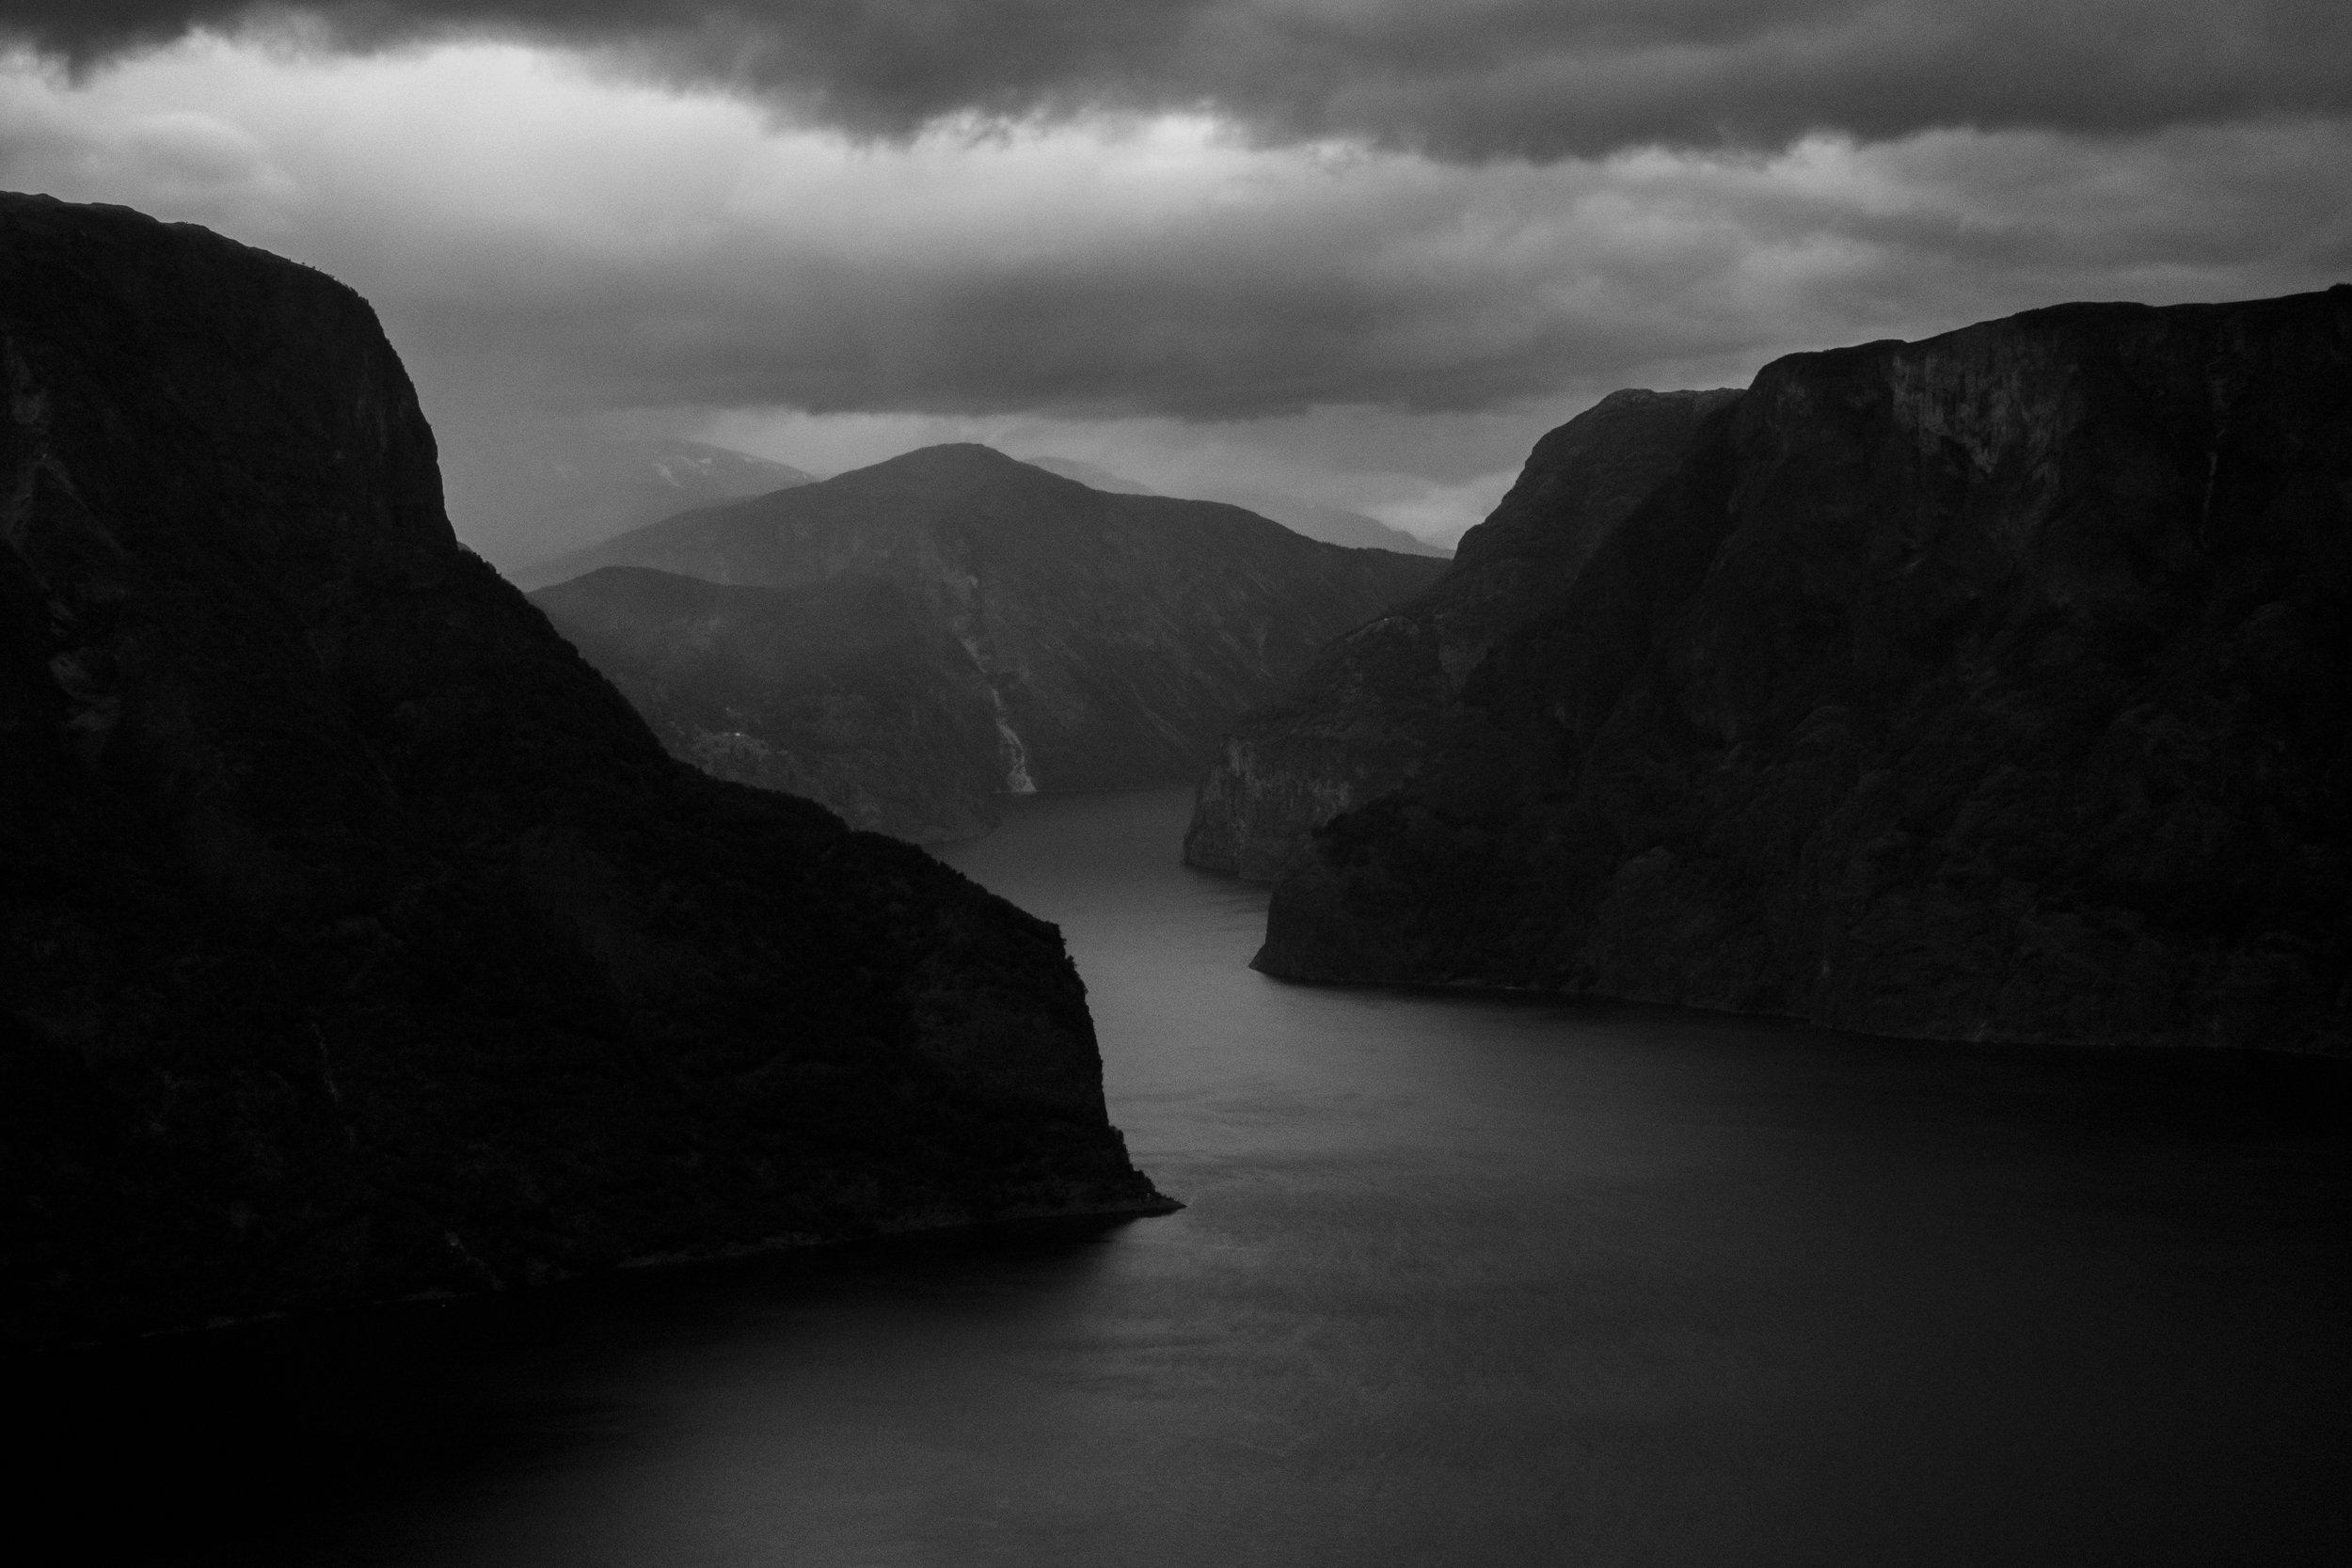 美夜寝 - The photography of Bjørne Hoff